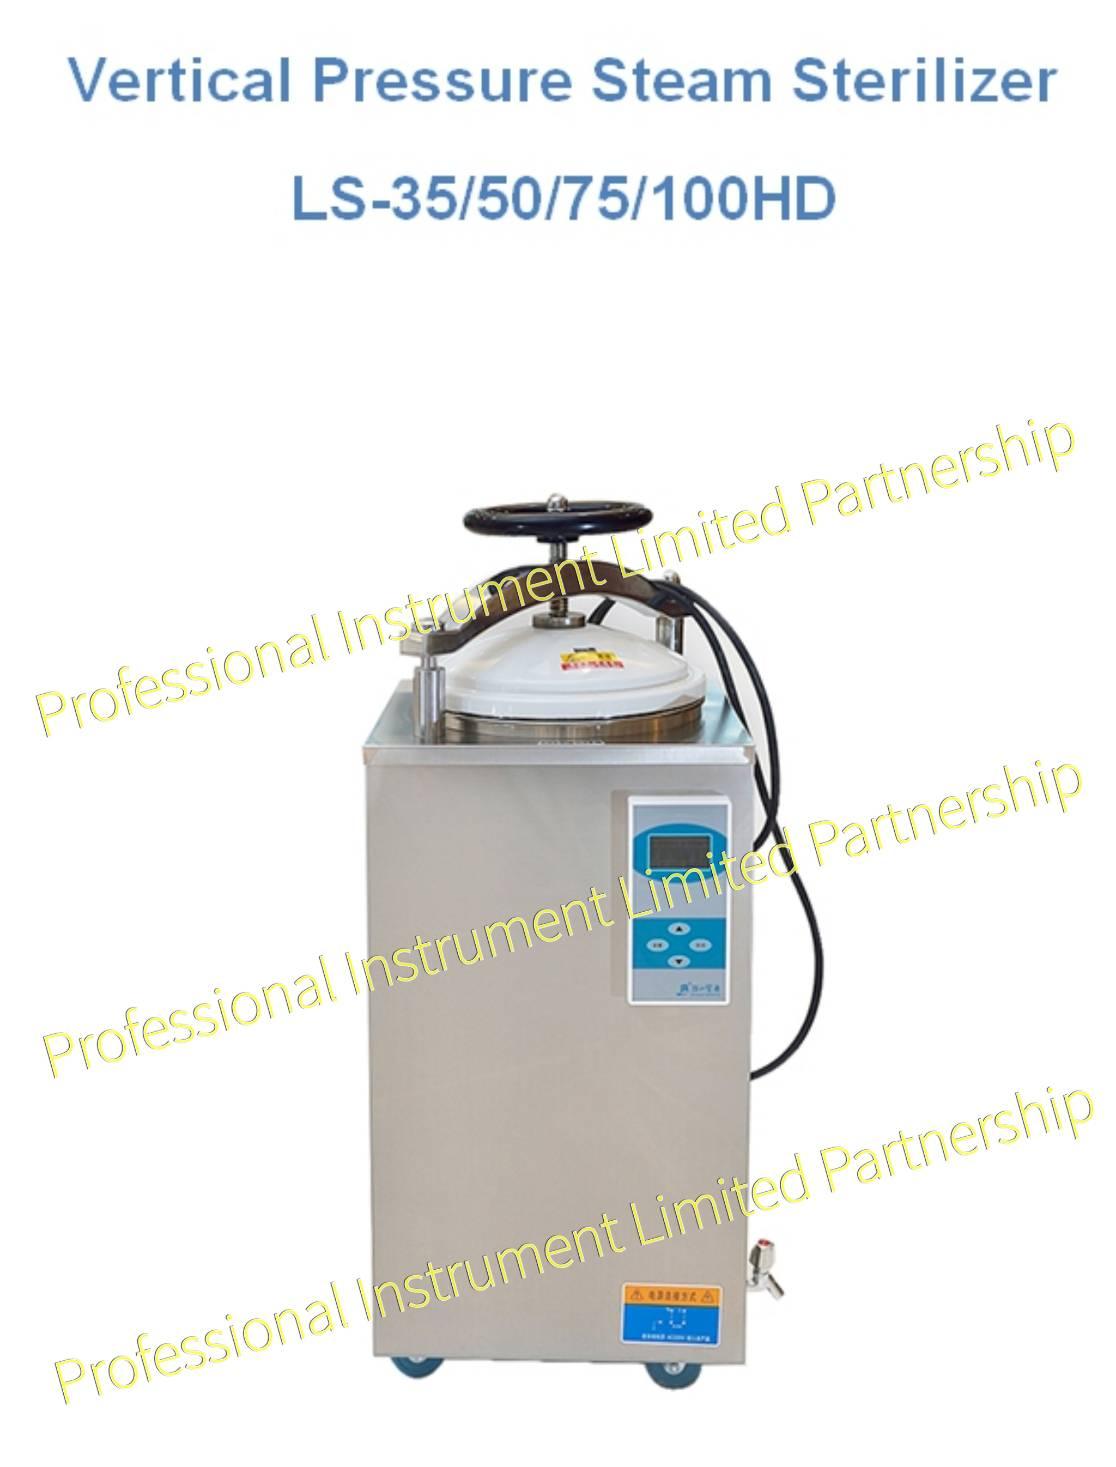 Vertical Pressure Steam Sterilizer (LS-35/50/78/100 HD)